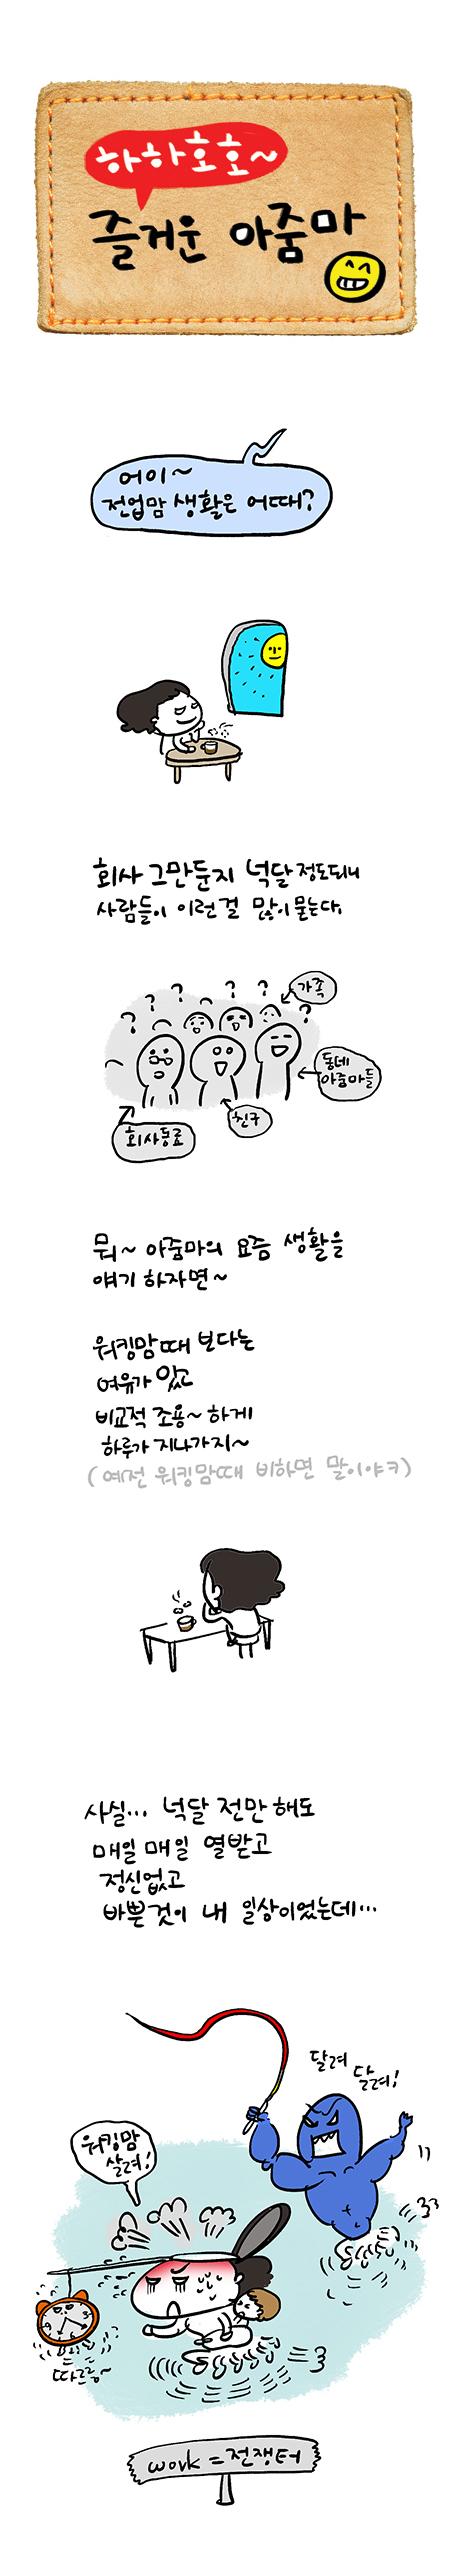 한겨레베이비트리백수생활전업맘1.jpg